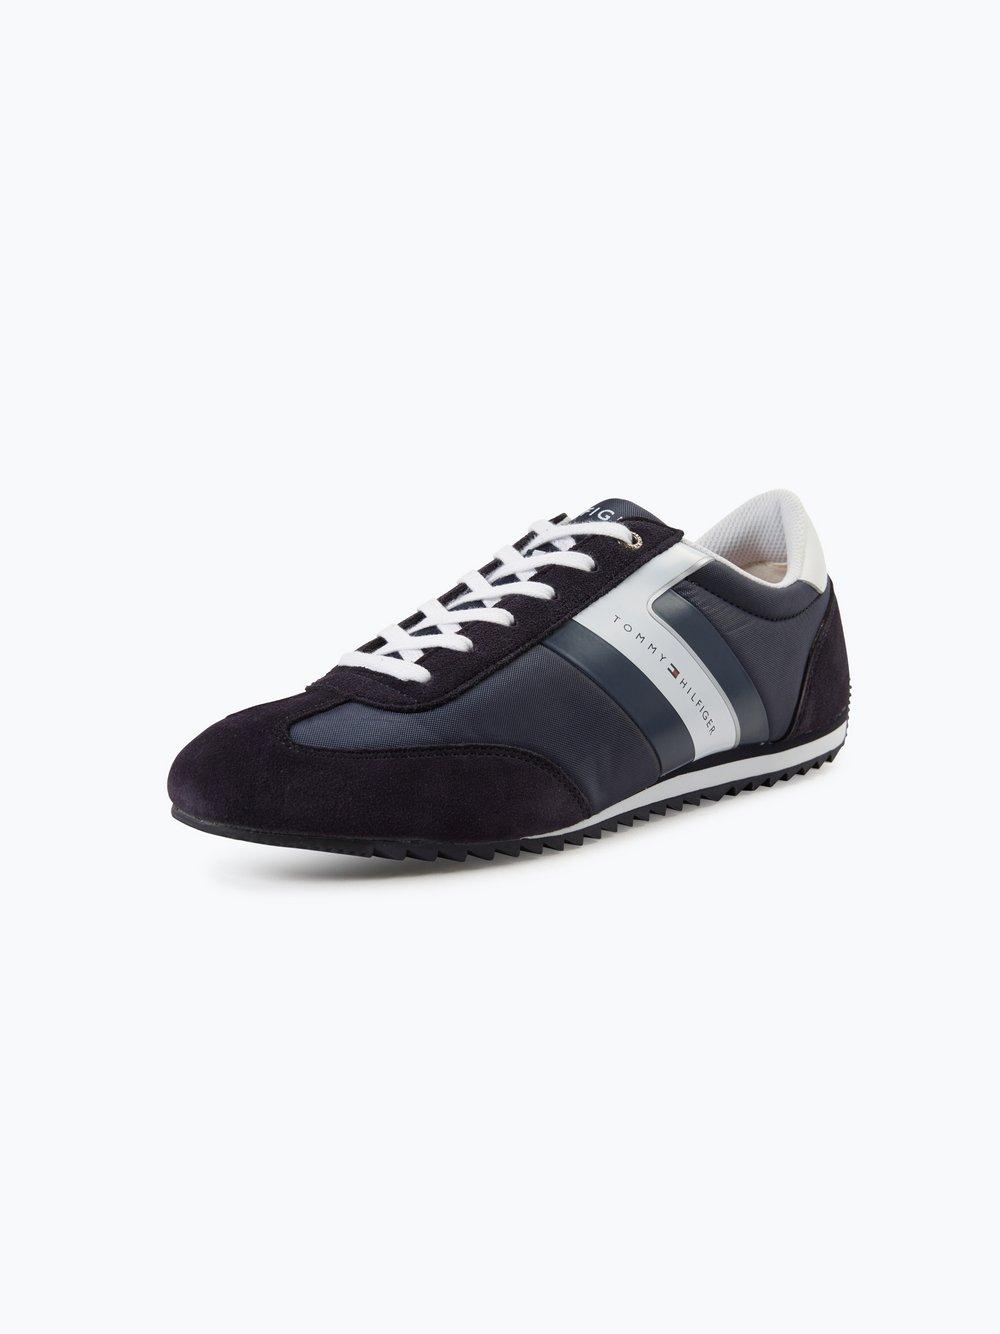 Tommy Hilfiger Herren Sneaker mit Leder-Anteil - Branson 8C1  2 ... 06491694c1